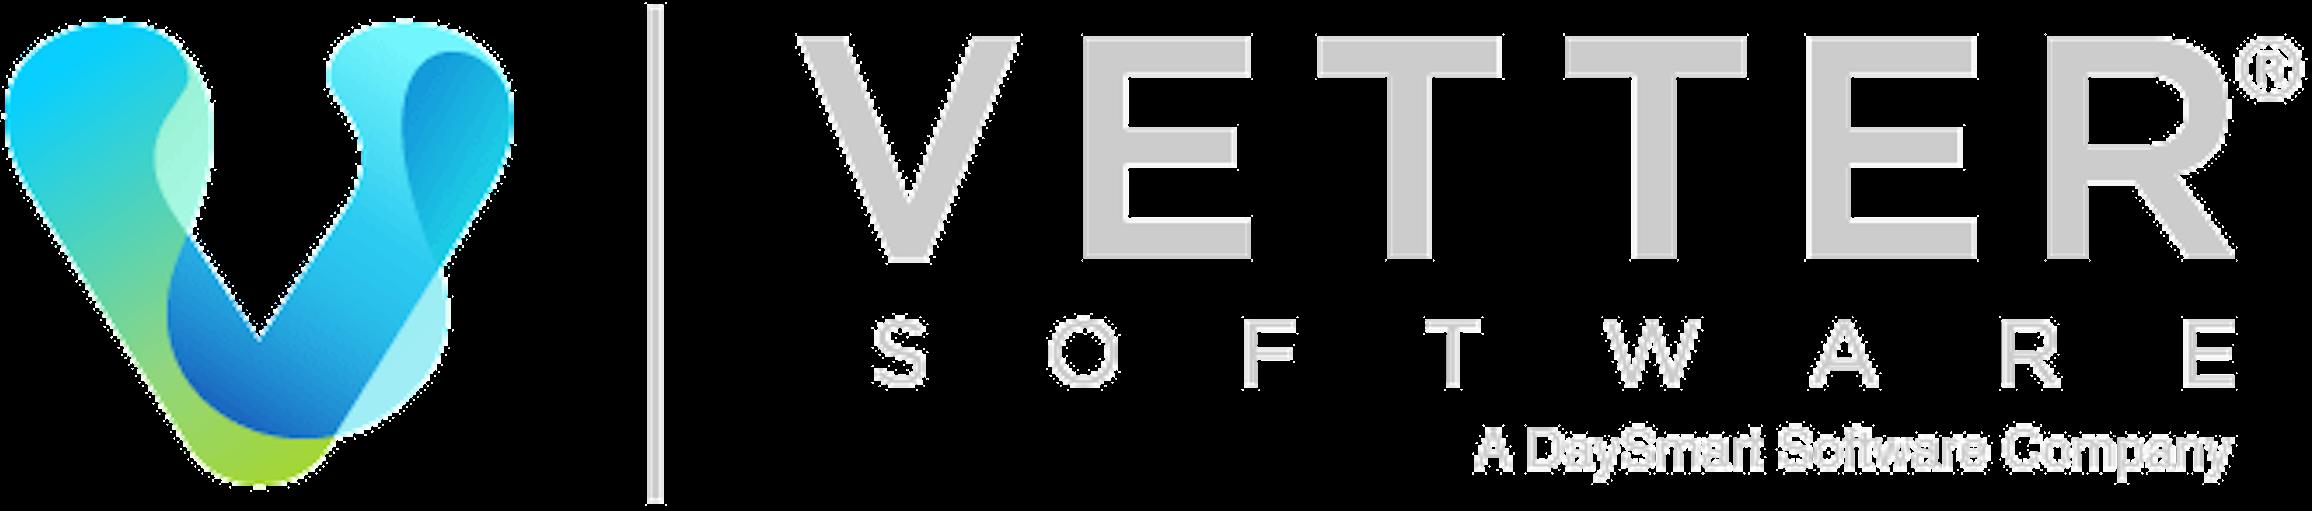 Vetter Software